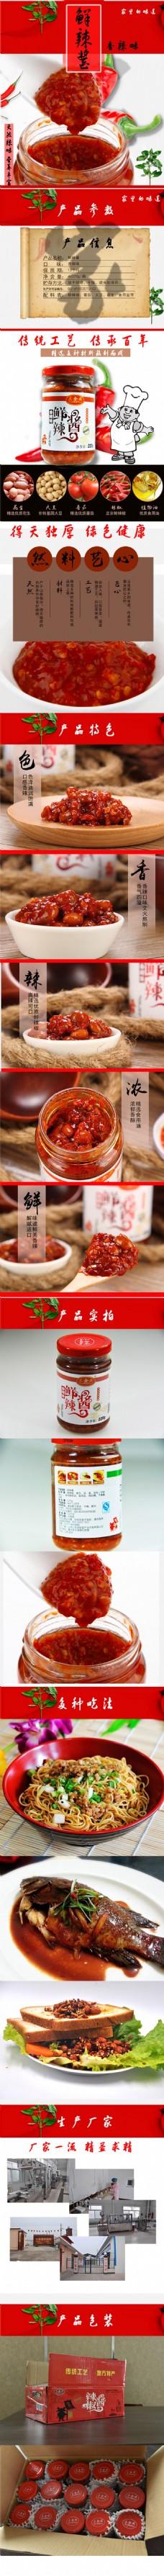 辣椒酱详情页